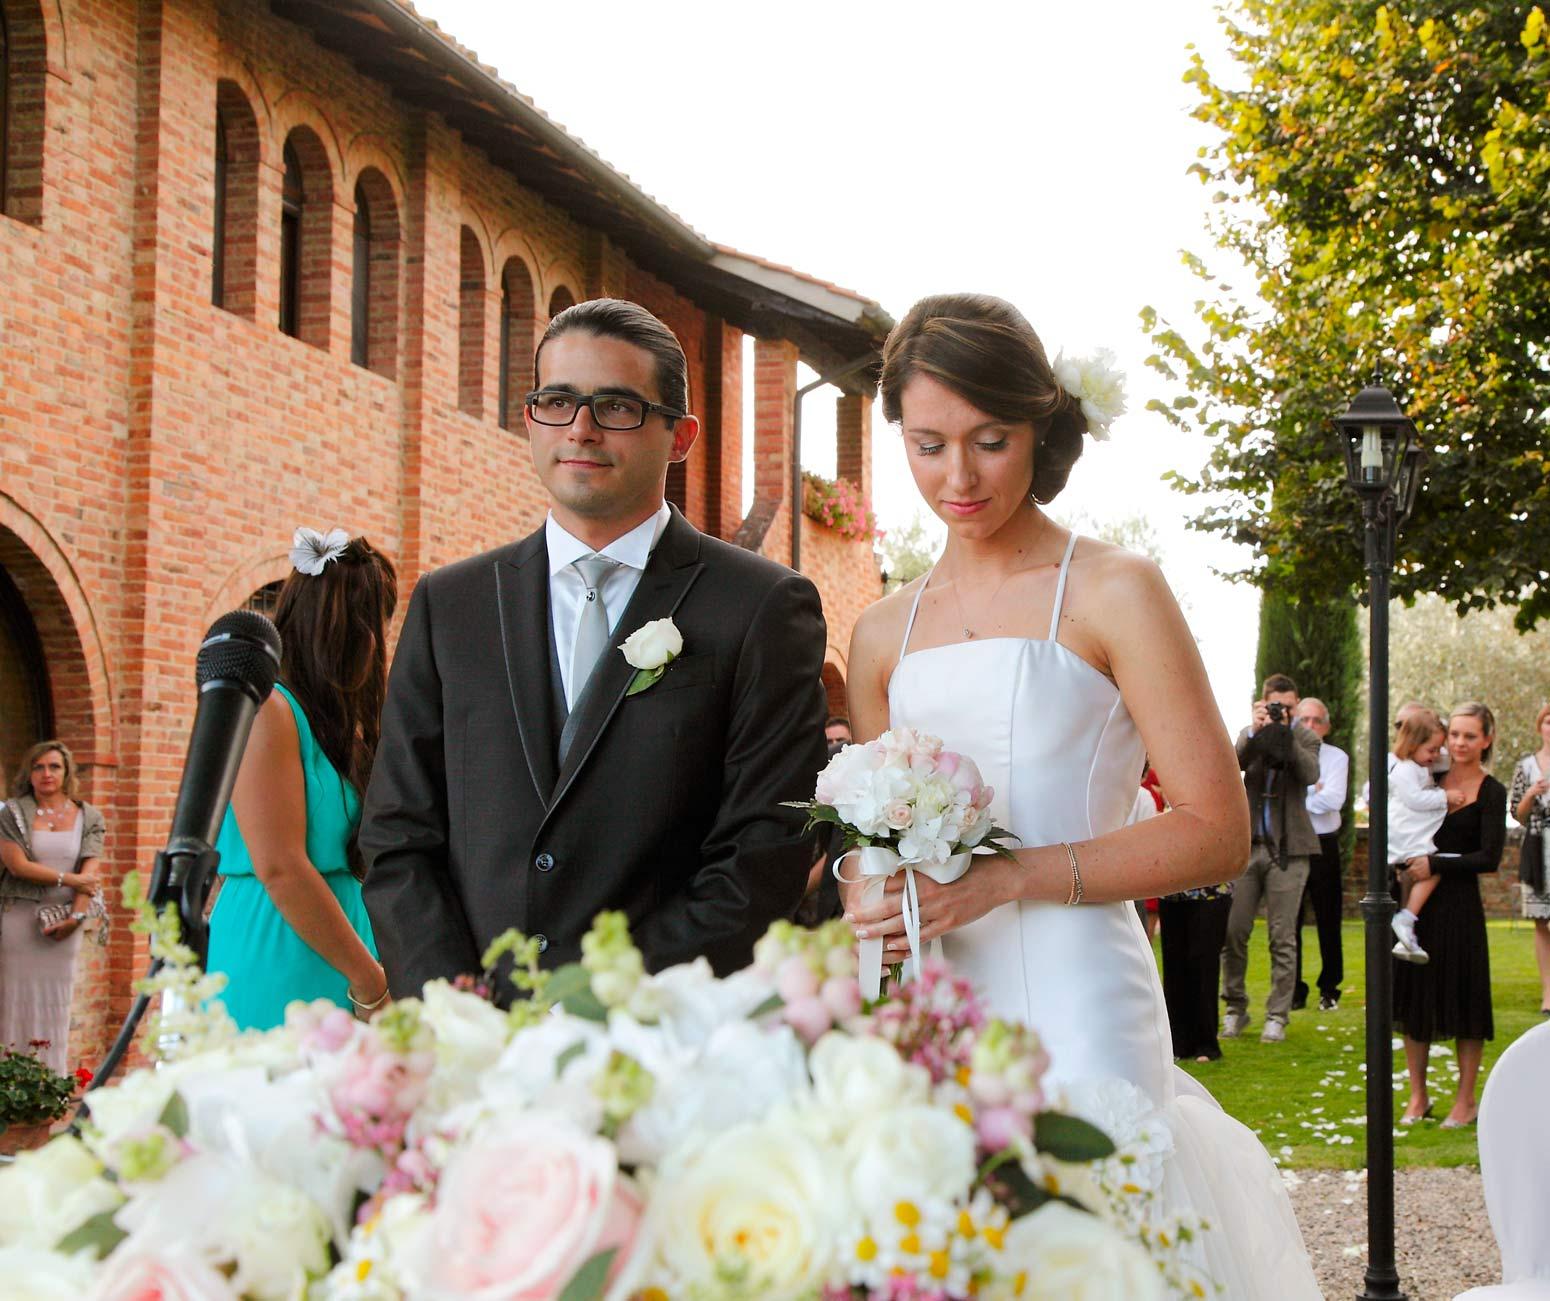 Hotel Matrimoni Toscana : Hotel matrimoni toscana sposarsi a montepulciano borgo